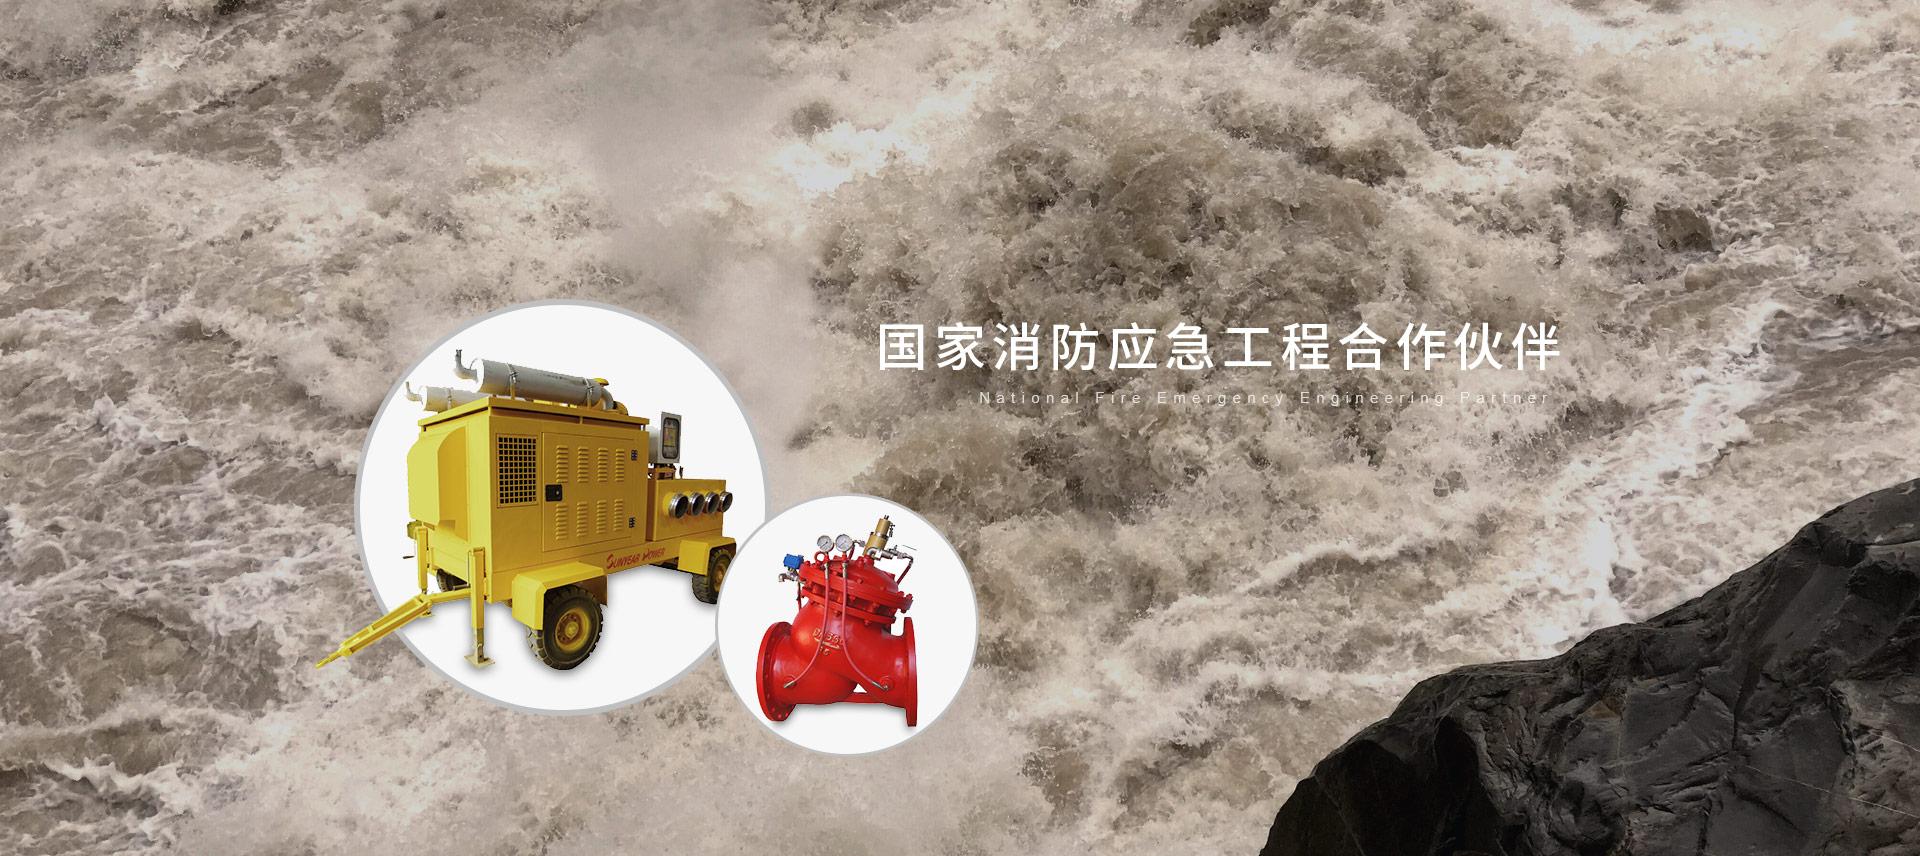 三业科技,国家消防应急工程合作伙伴